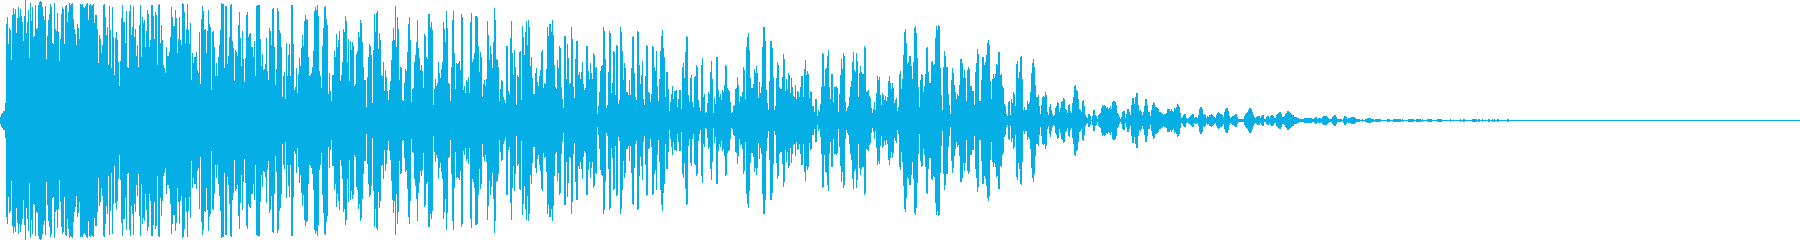 大砲(アニメ風_ズドン)の再生済みの波形